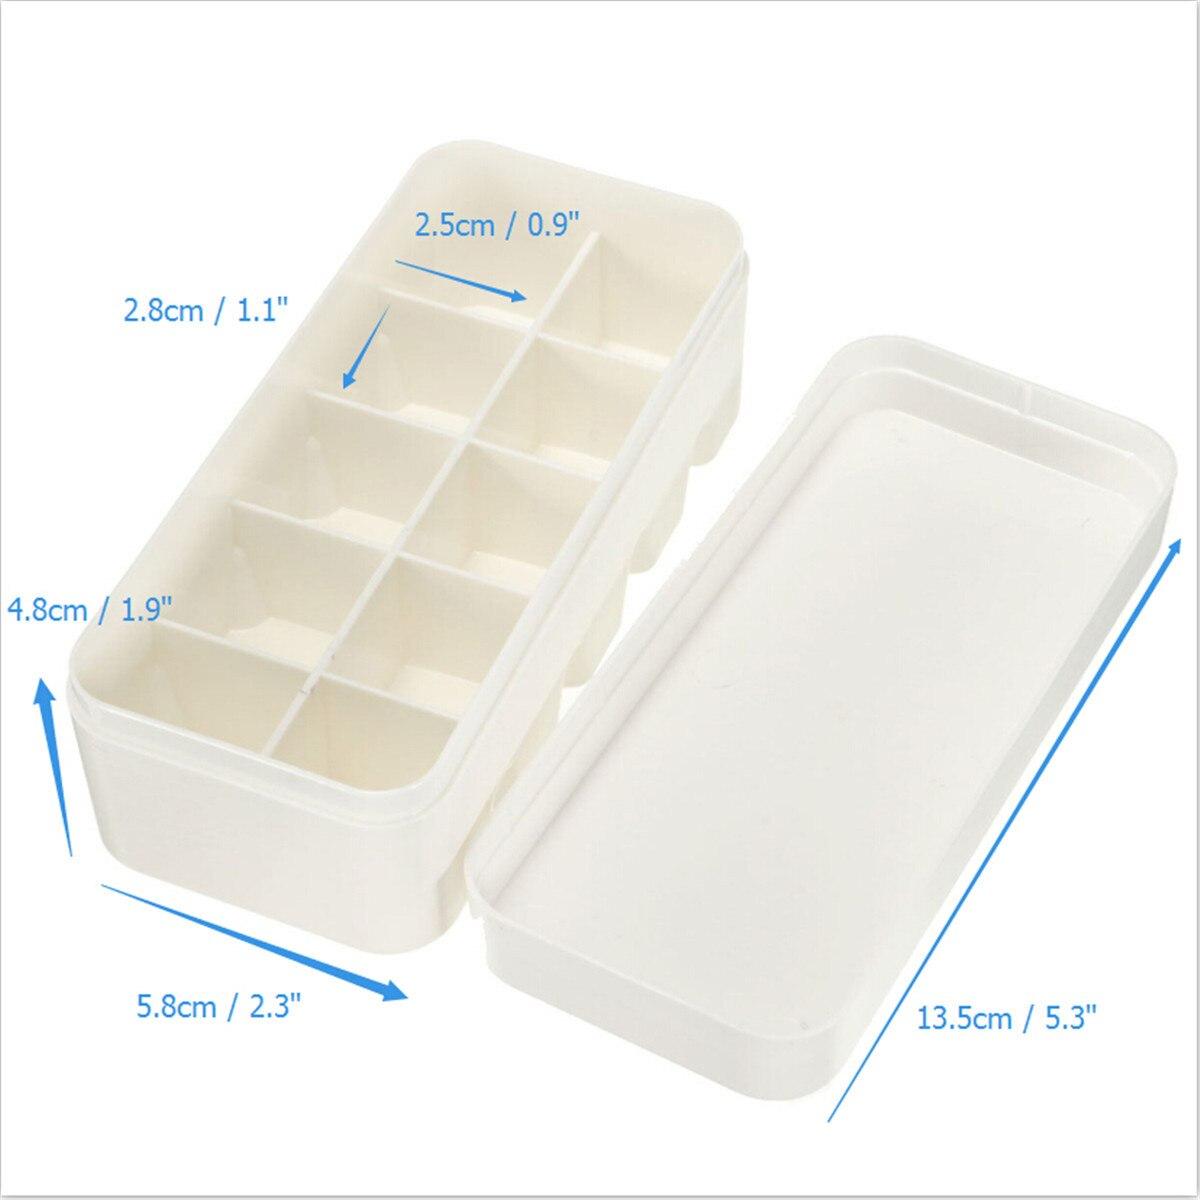 Kotak Penyimpanan Plastik Mini 52 Spec Dan Daftar Harga Lion Star Baskom Square Basin No 5 Ba 19 Film Kasus Portabel Dengan Tutup Untuk 135 Keras Pas Putih Hitam Depan